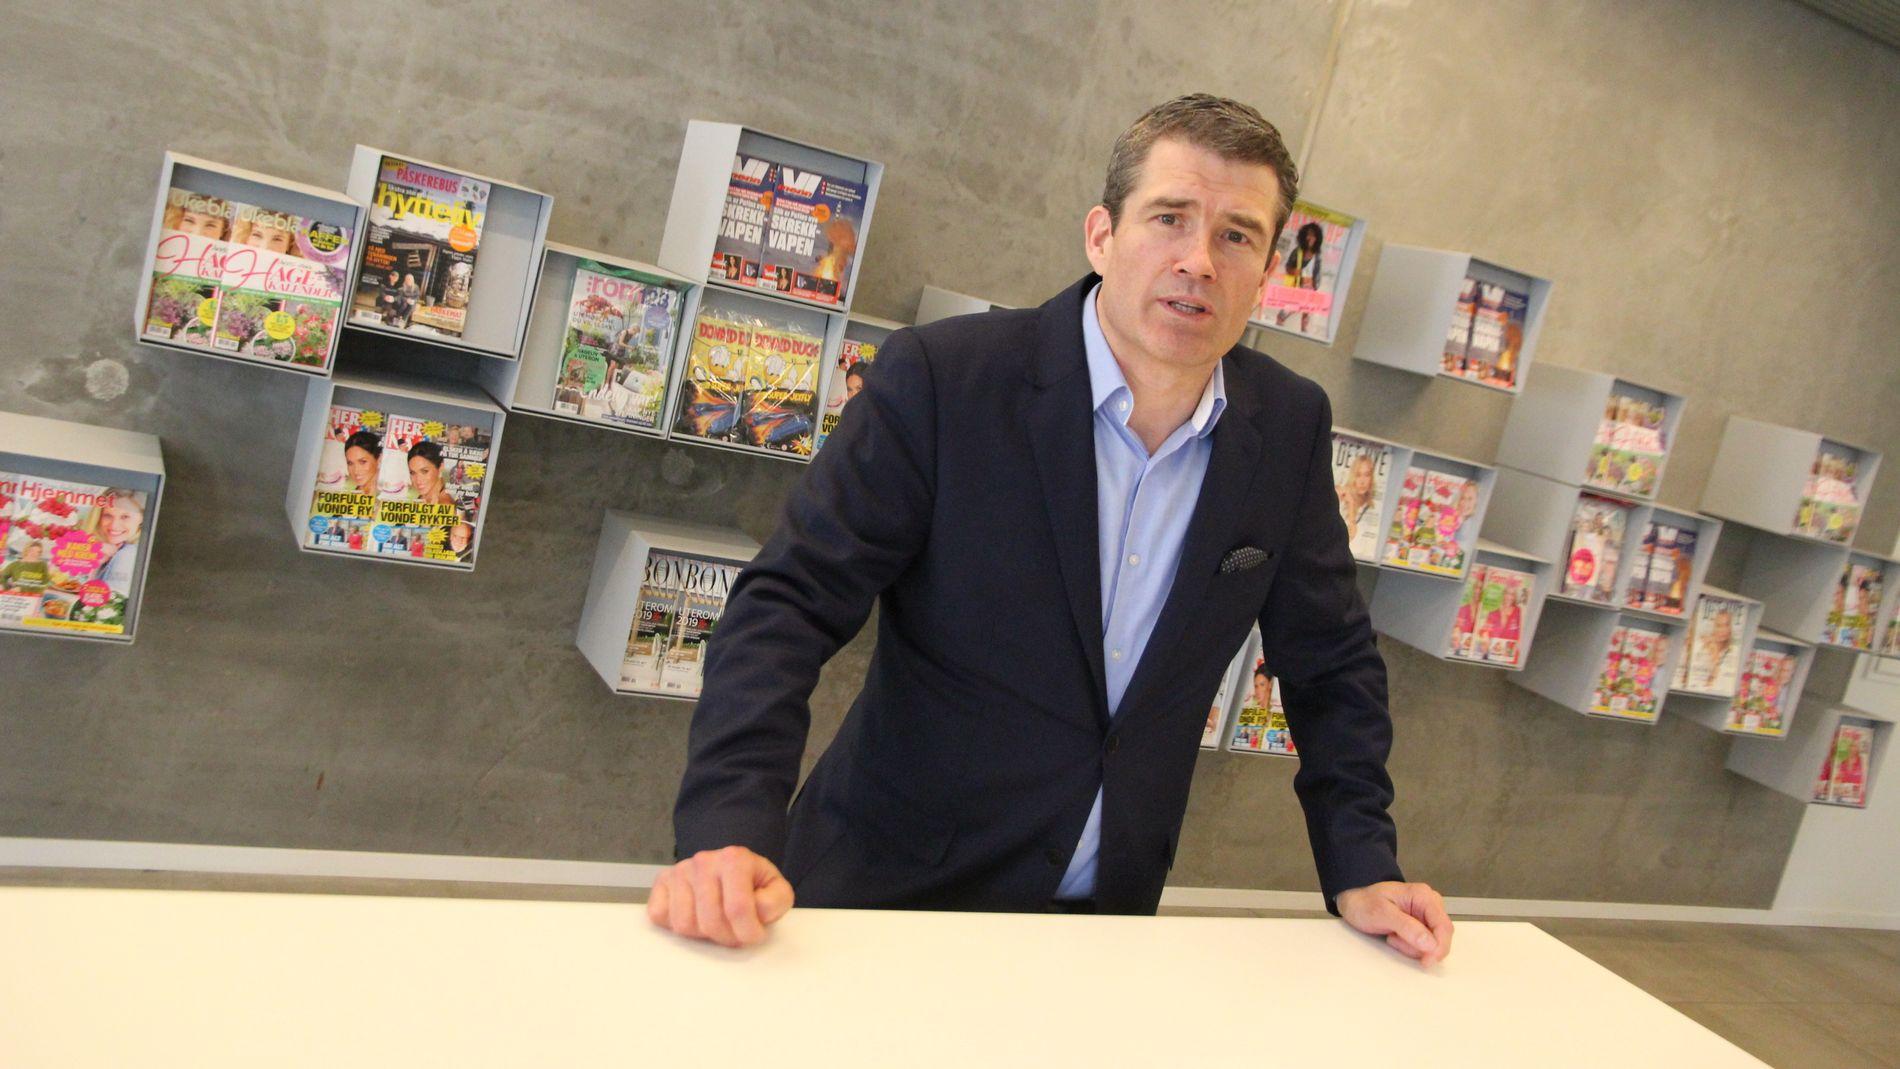 NETTHANDELSJEF: Cato Broberg leder netthandelvirksomheten i Egmont og investerer i ett til to nordiske netthandelselskaper i året.